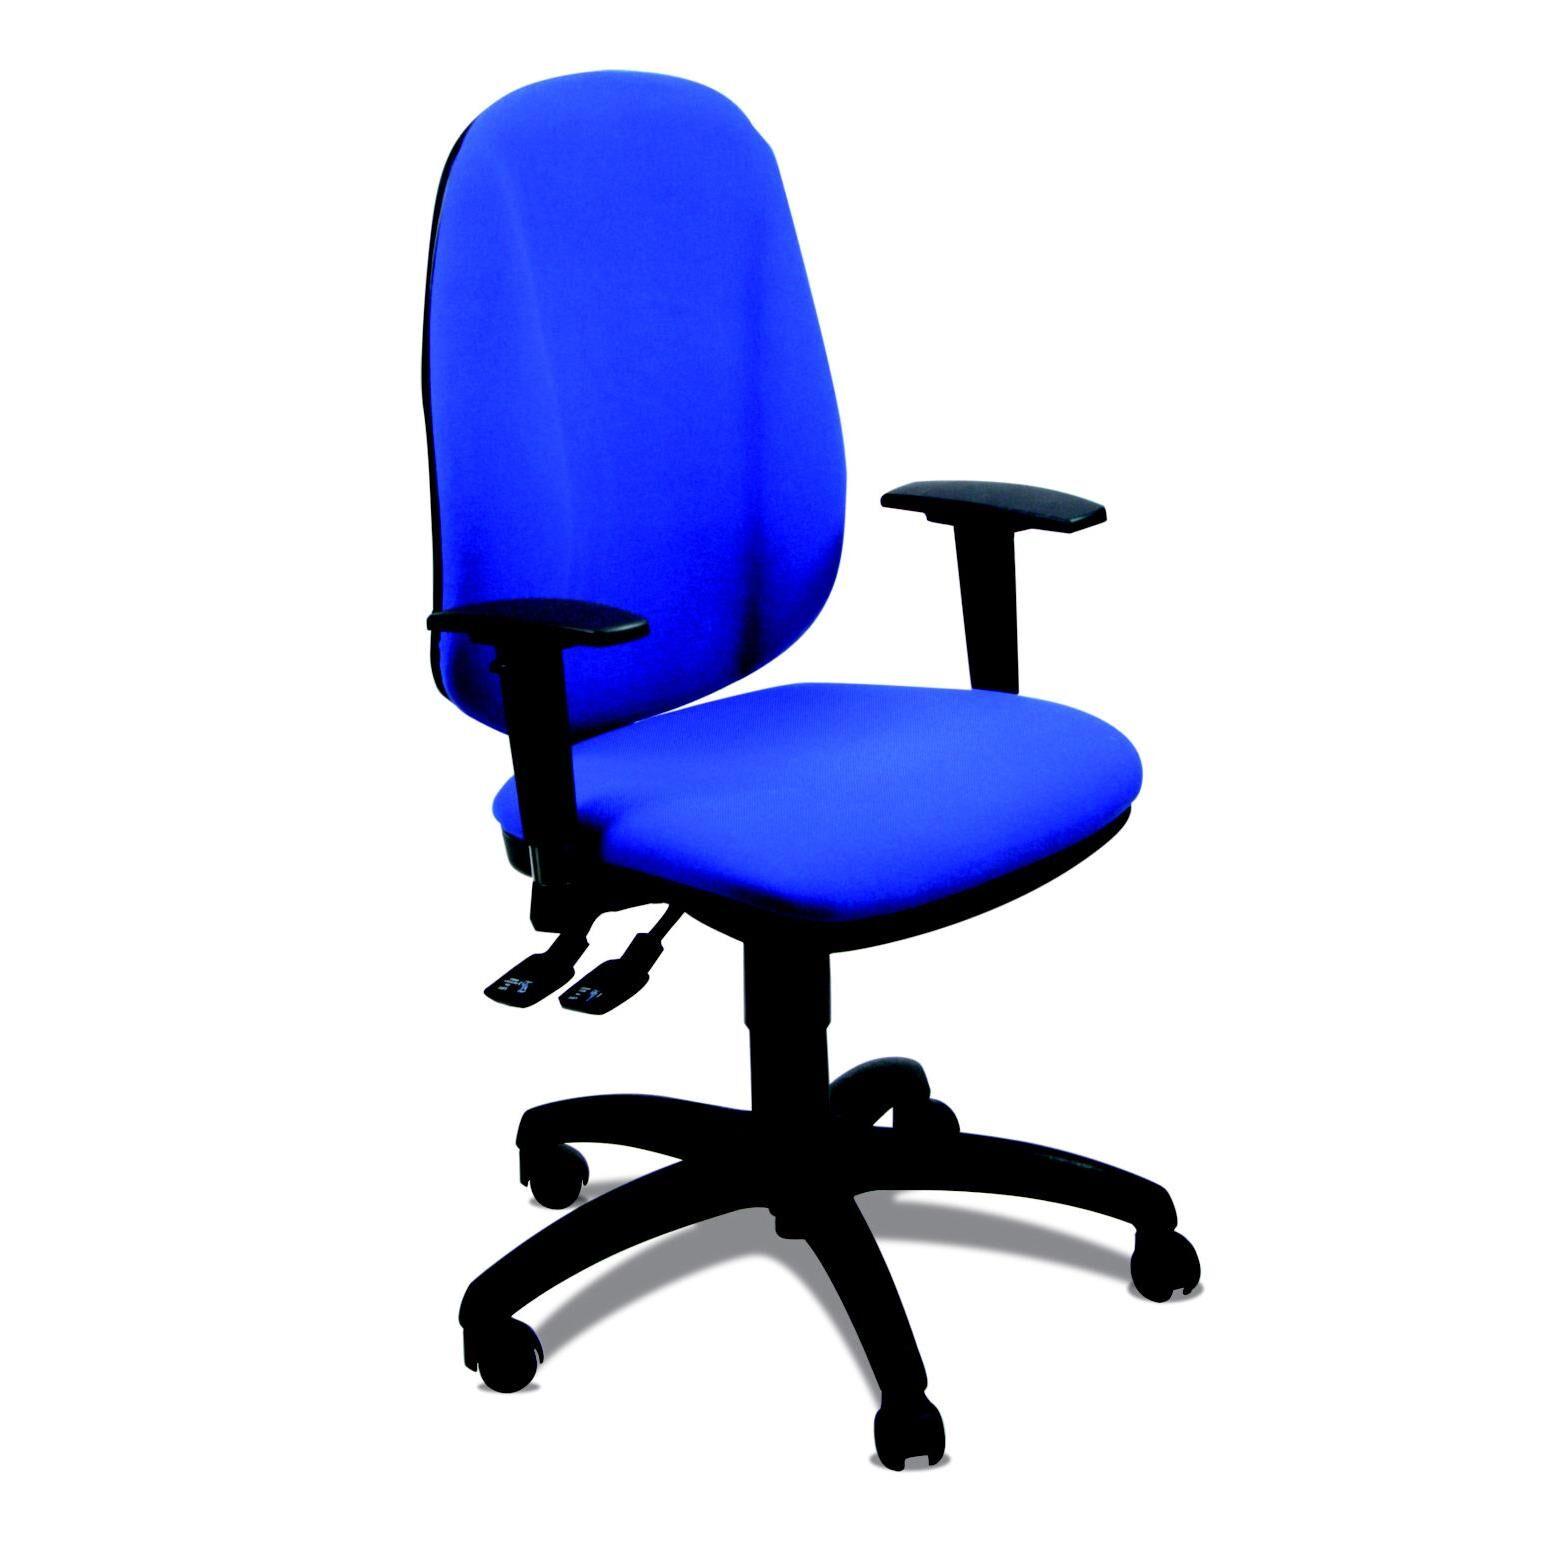 Welcome Office Siège de bureau Bio Confort - tissu rembourré - hauteur ajustable à roulettes - hauteur dossier 60 cm - bleu